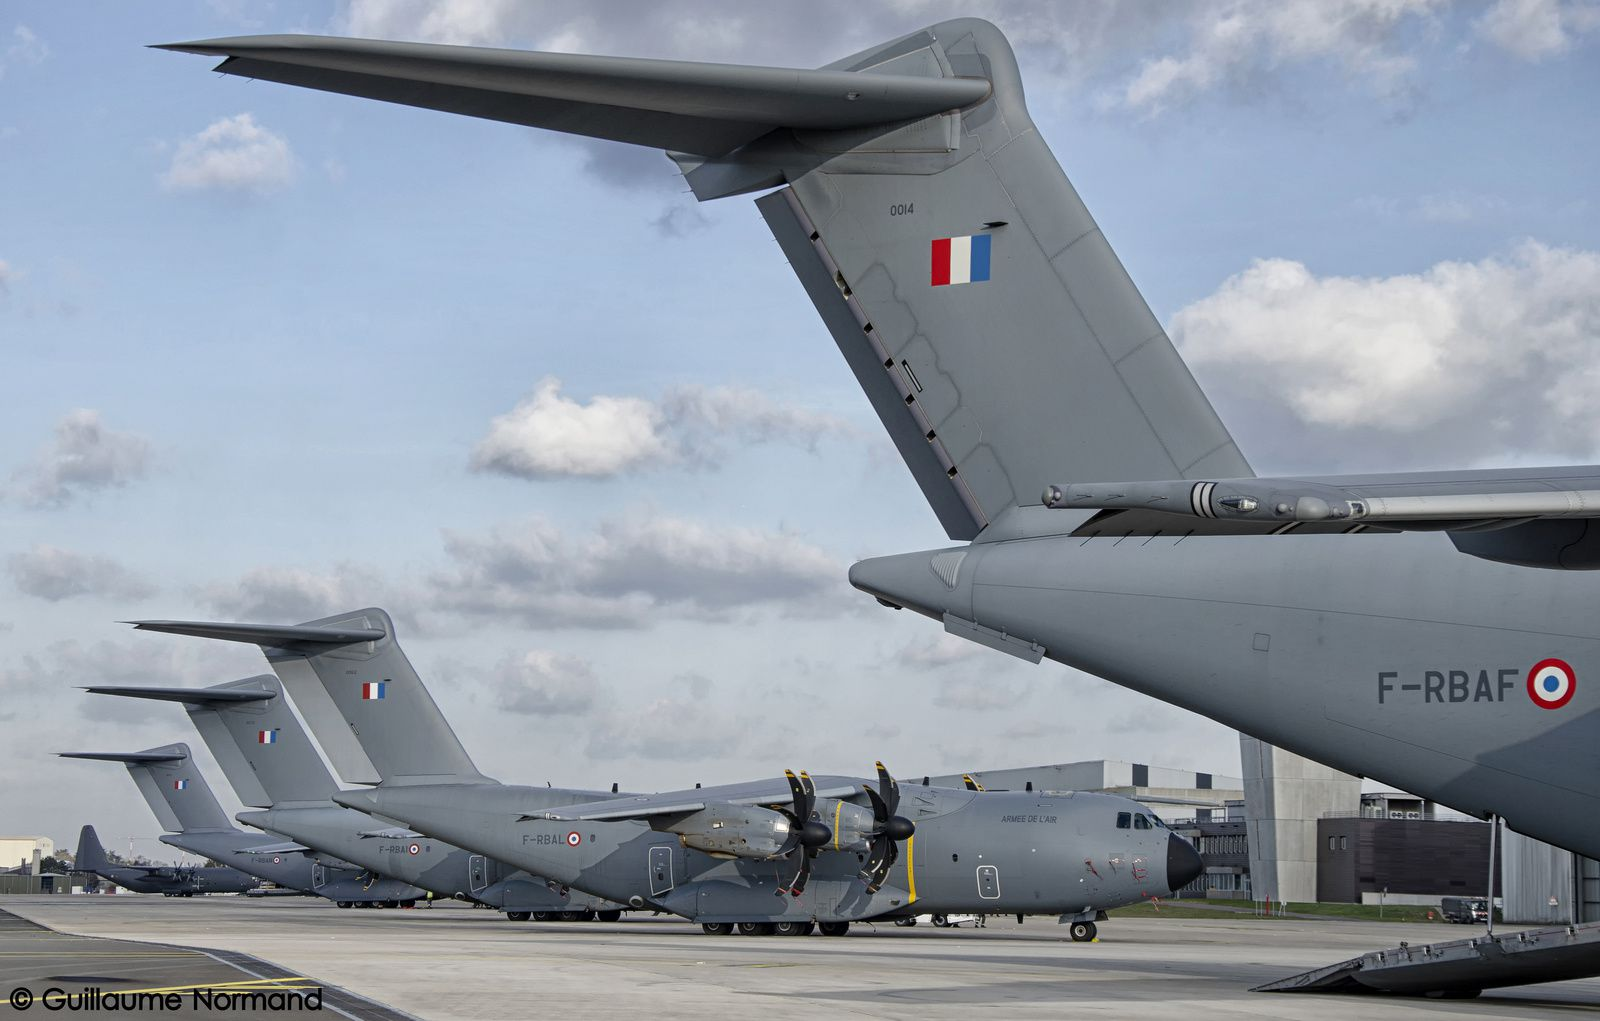 PHOTOS - Le SIGEM refait escale sur la base aérienne 123 d'Orléans